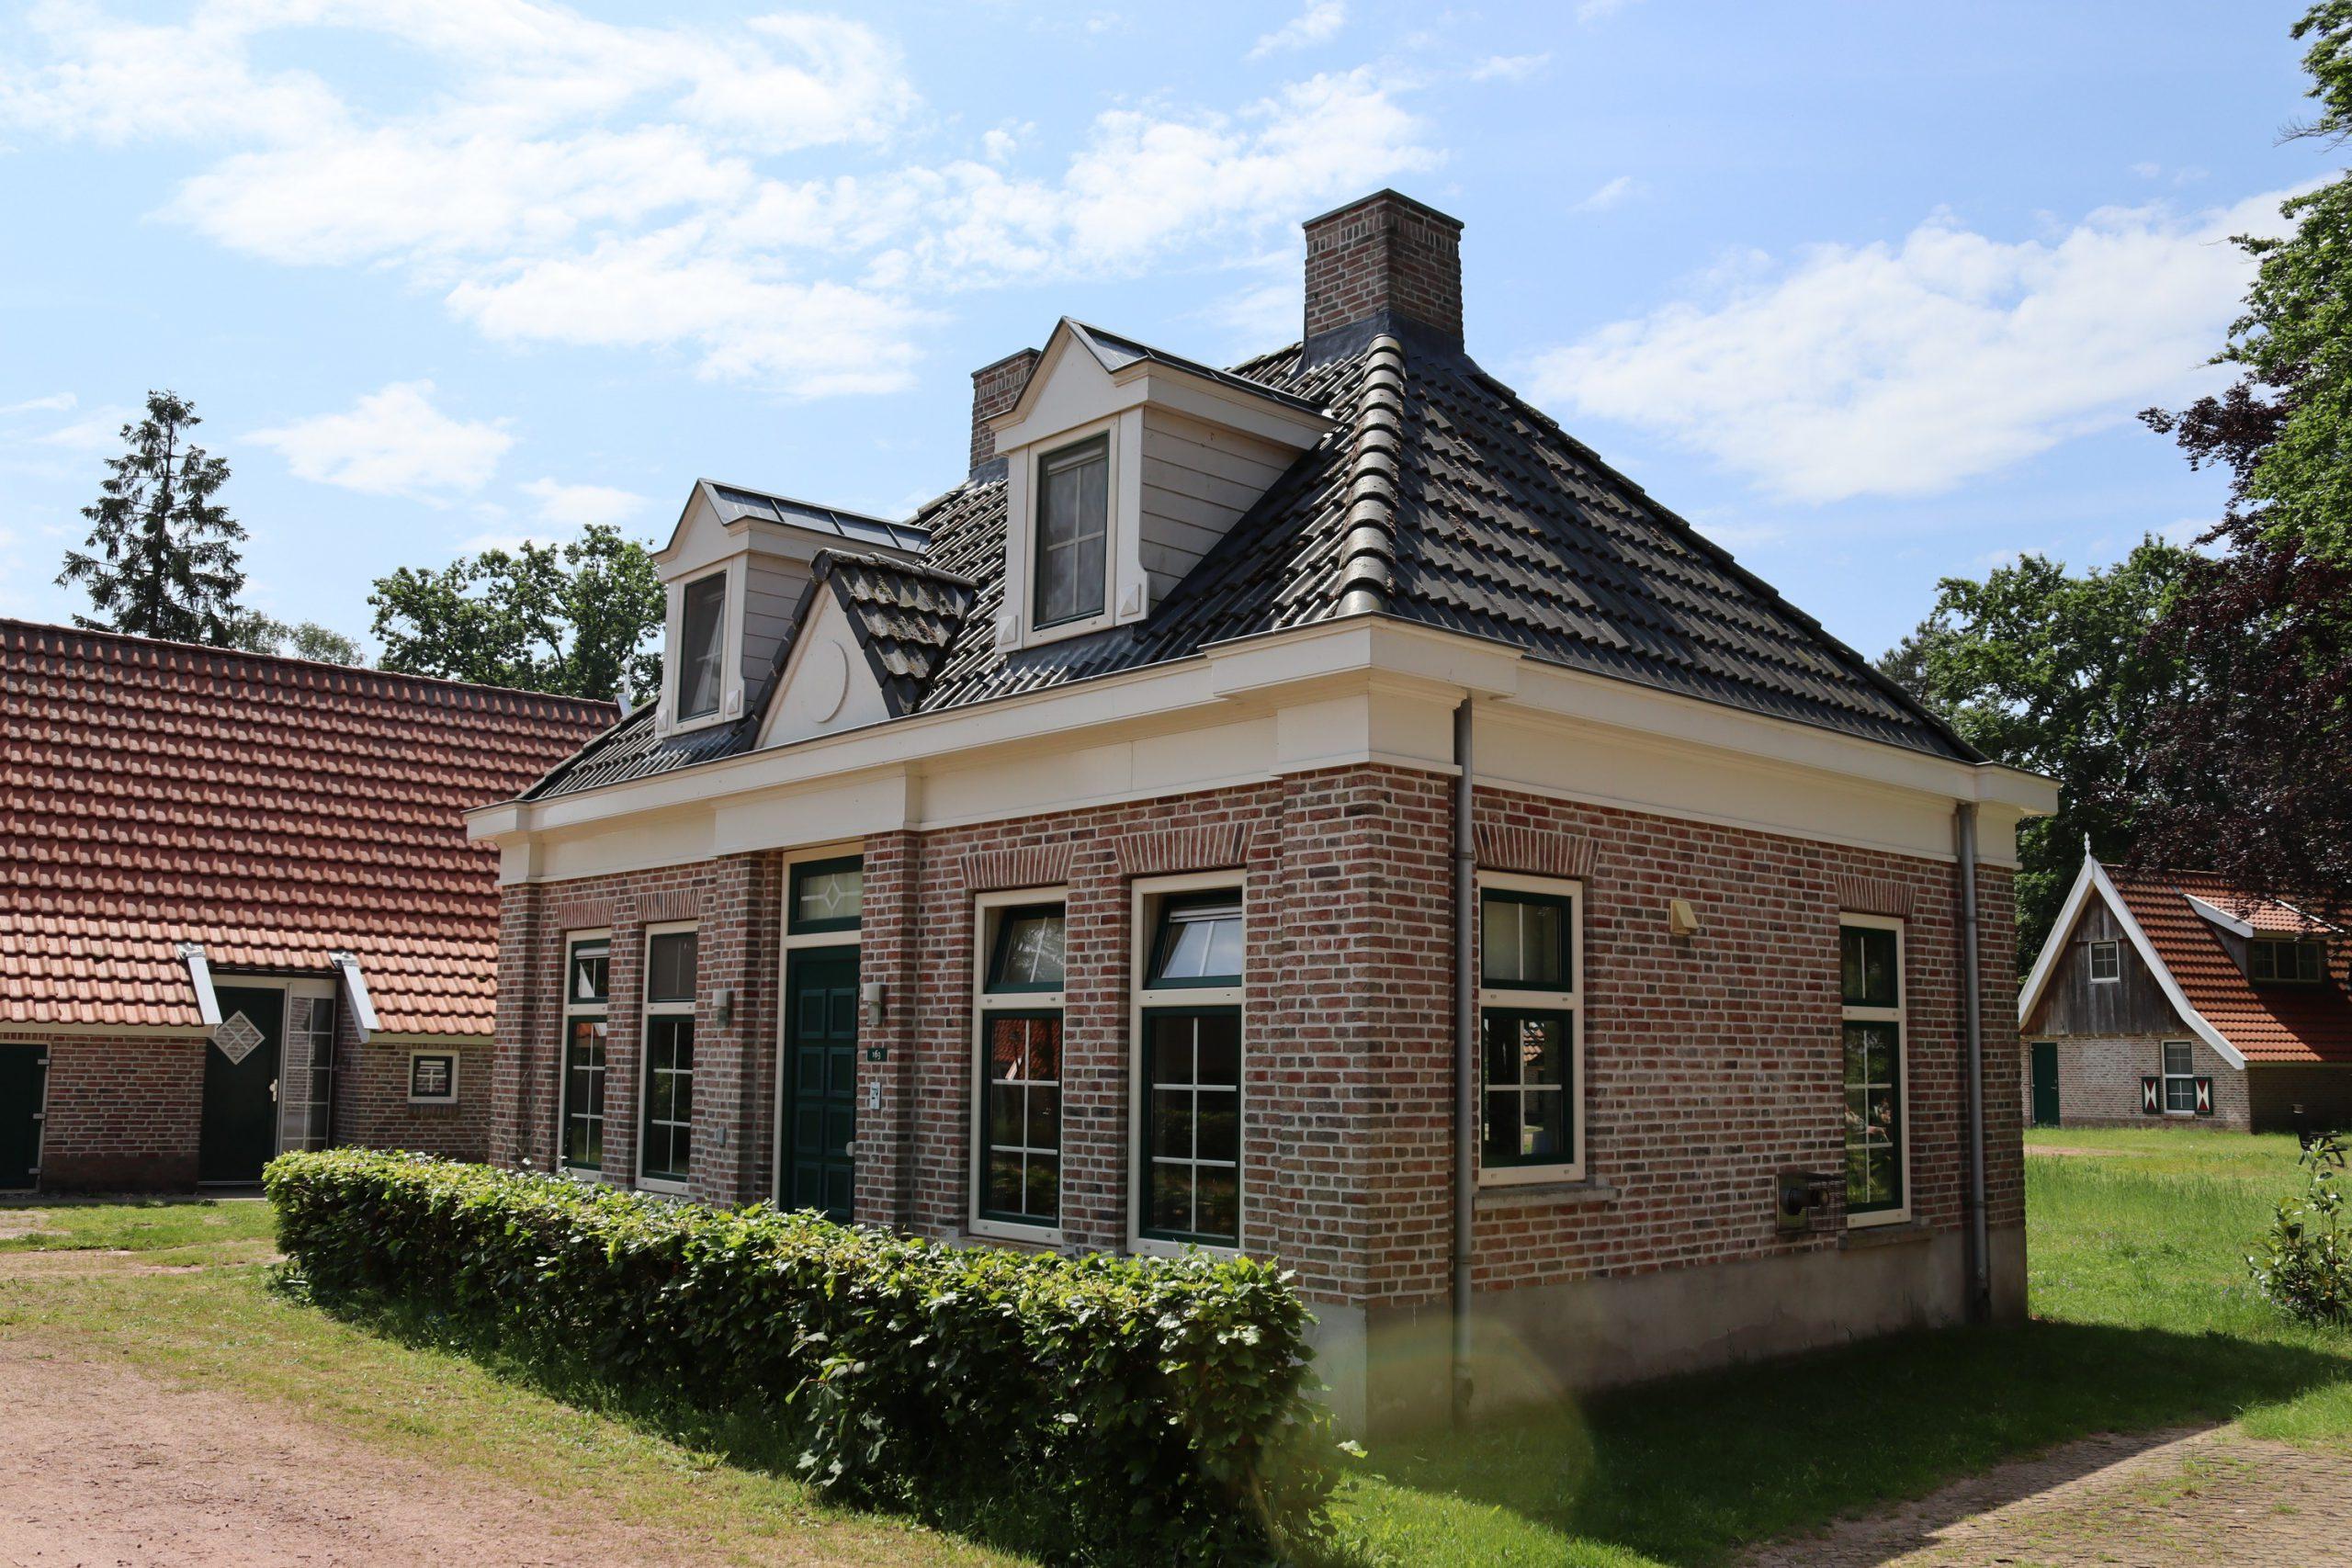 2. Recreatiewoning nr. 163 4-persoons Luxe Notariswoning Landal Landgoed De Hellendoornse Berg